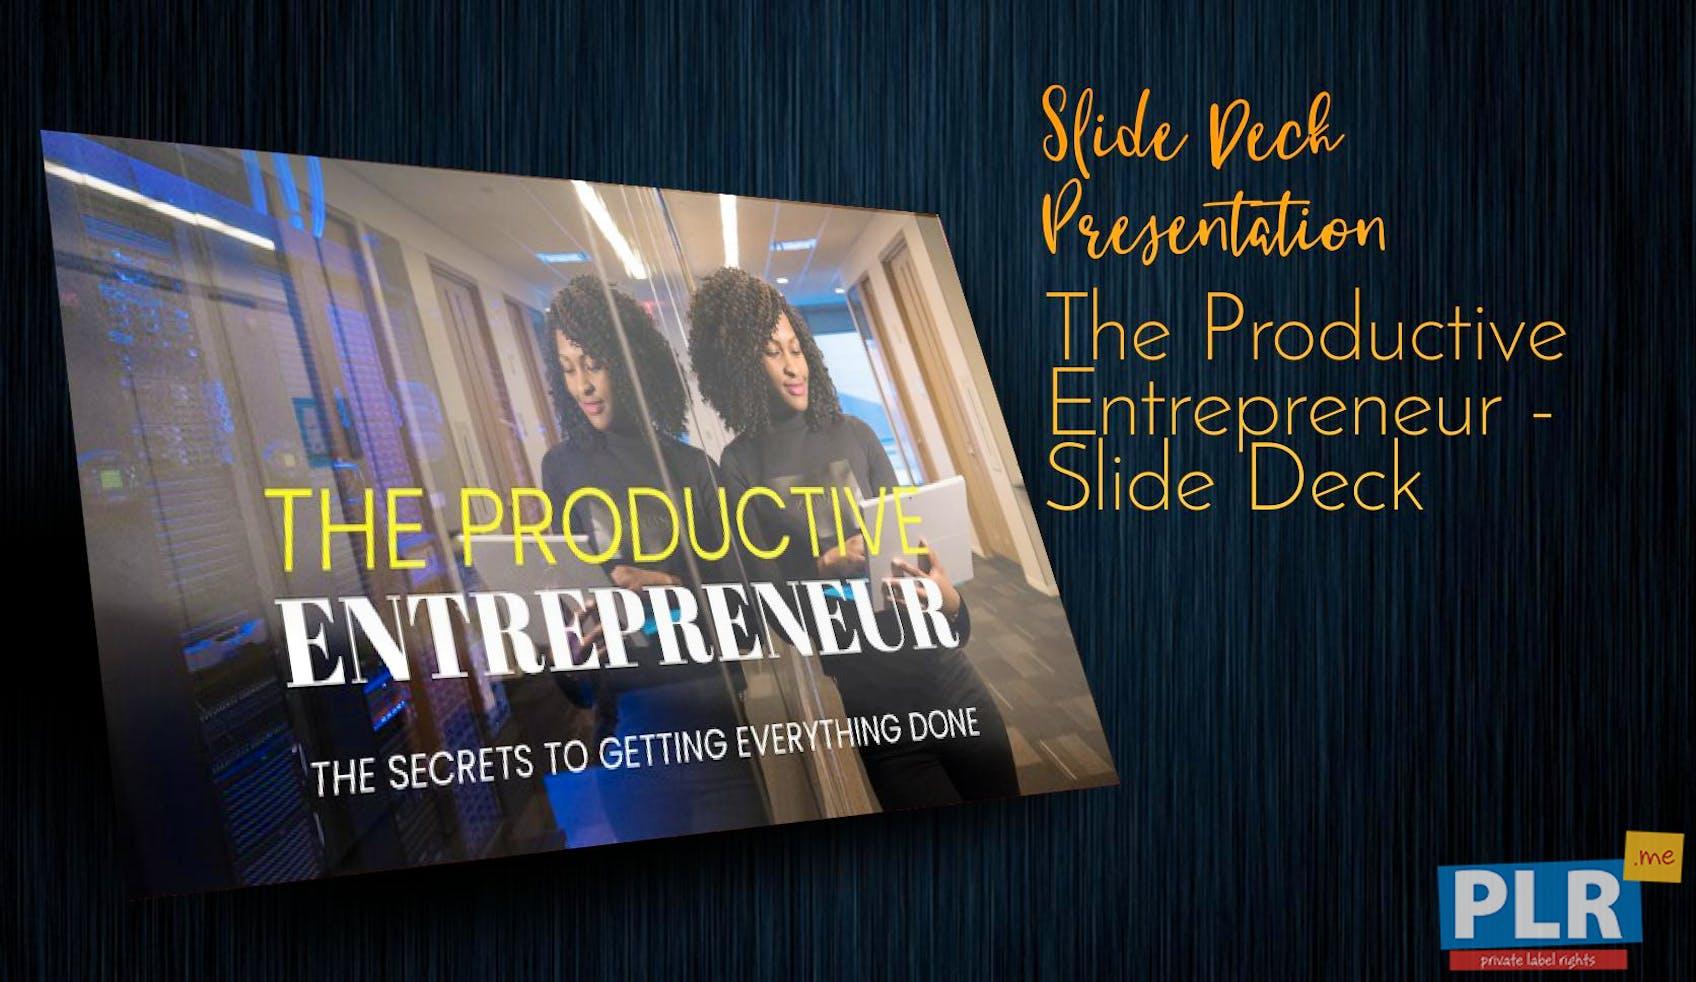 The Productive Entrepreneur - Slide Deck